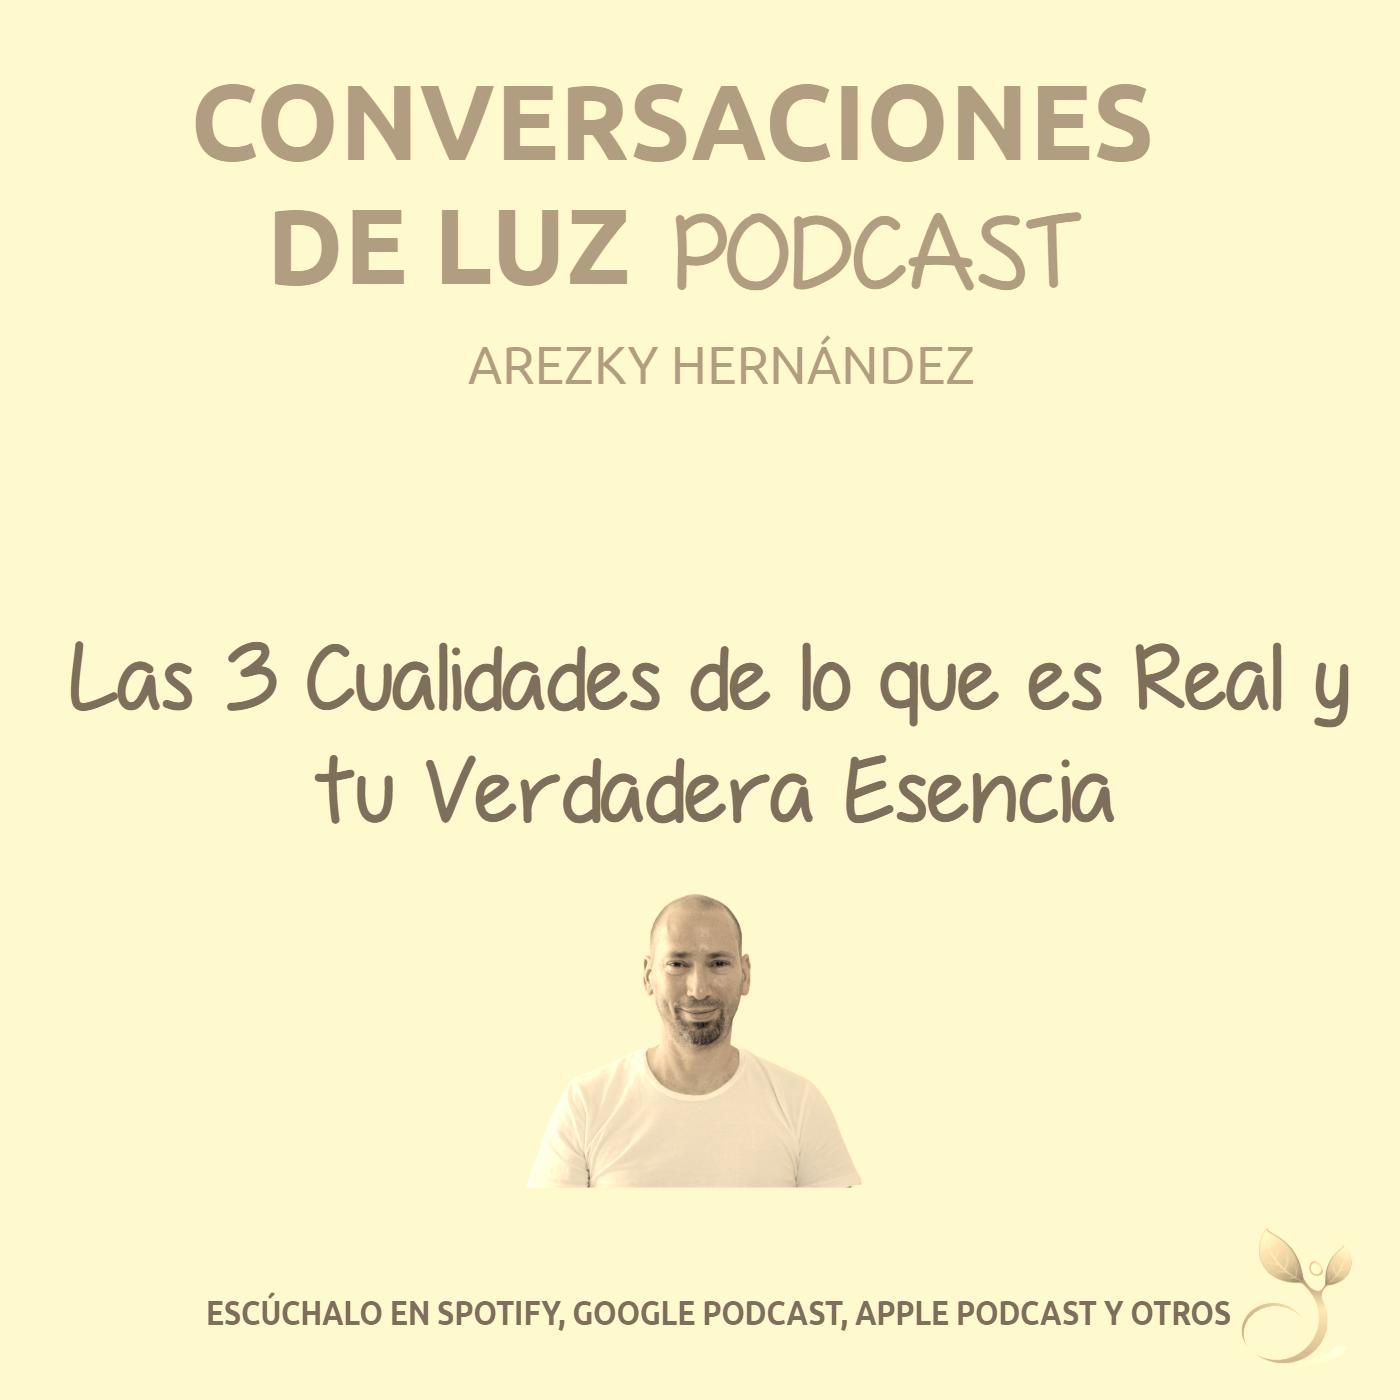 (CDLP09) Las 3 cualidades de lo que es real y tu verdadera esencia